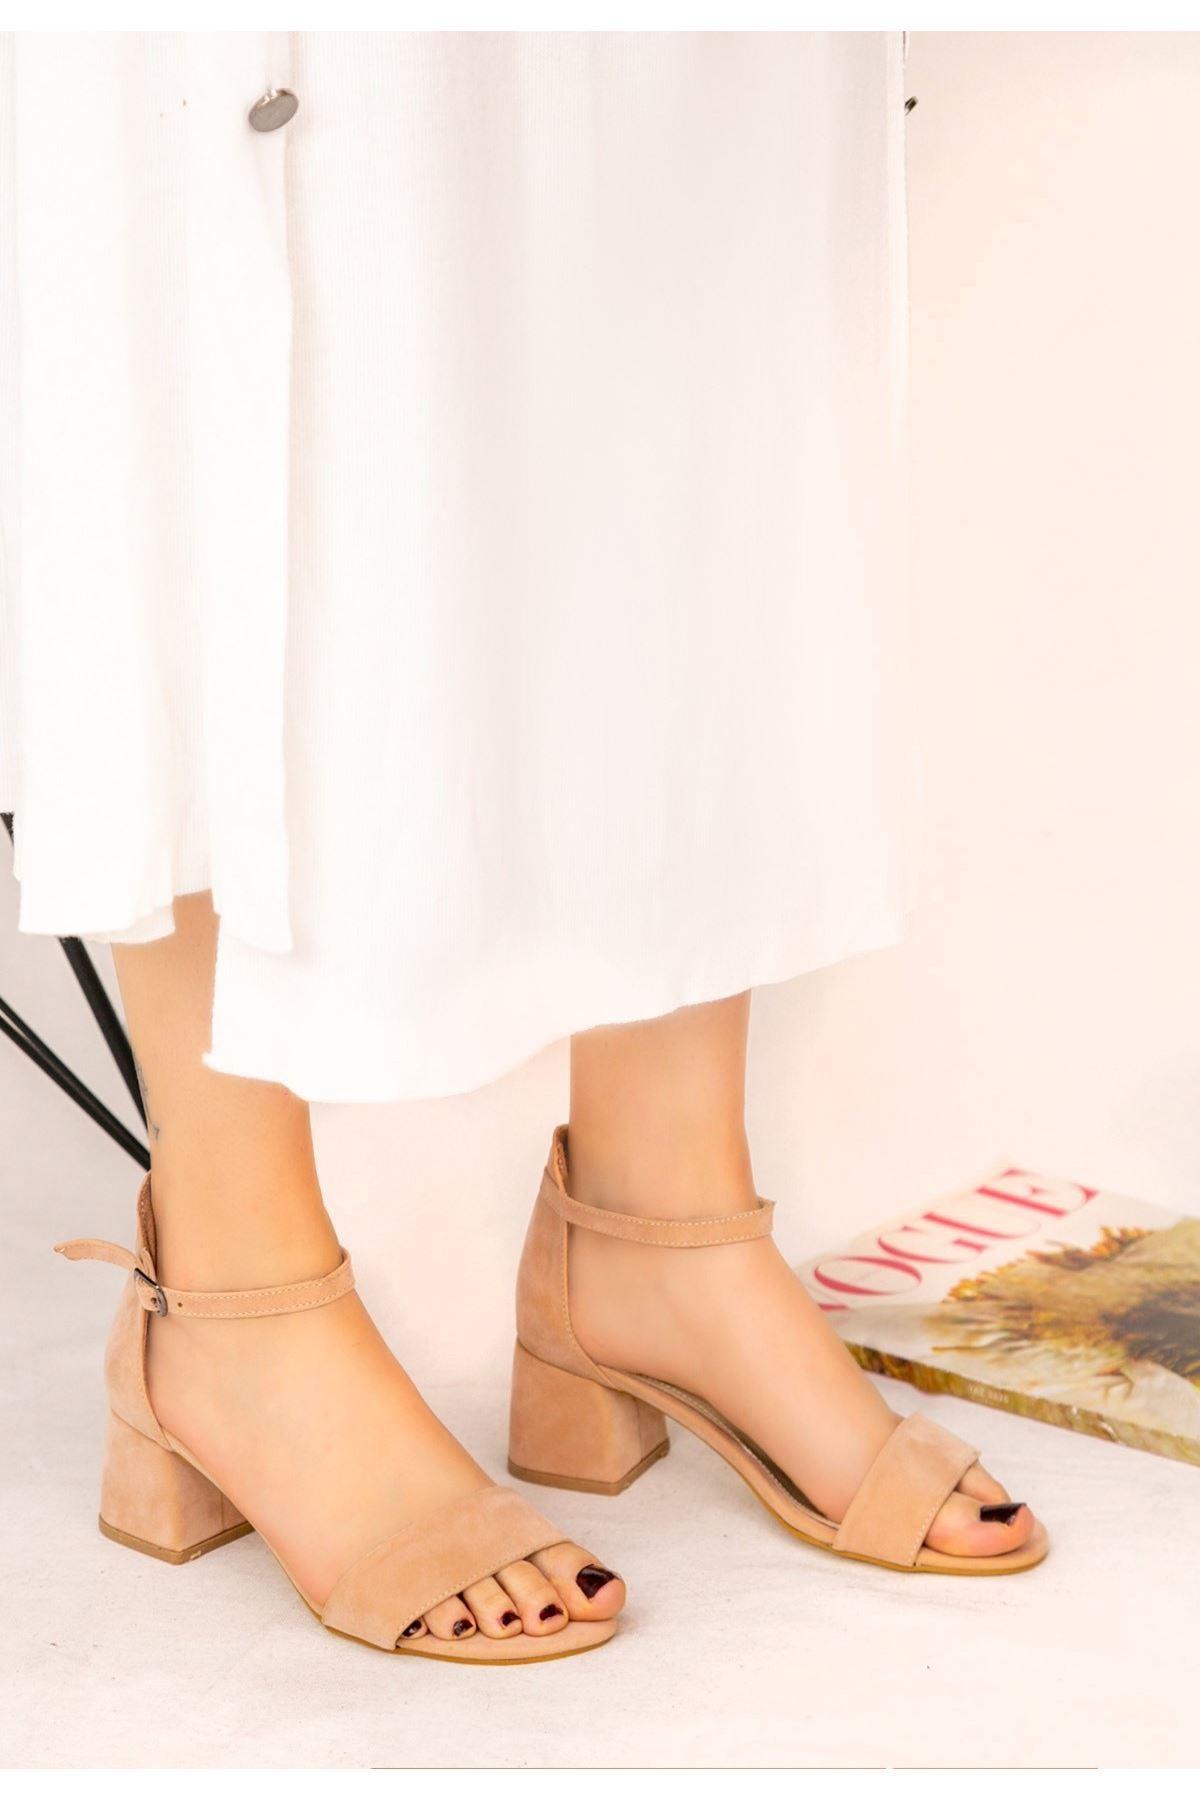 Epon Pembe Süet Tek Bant Topuklu Ayakkabı